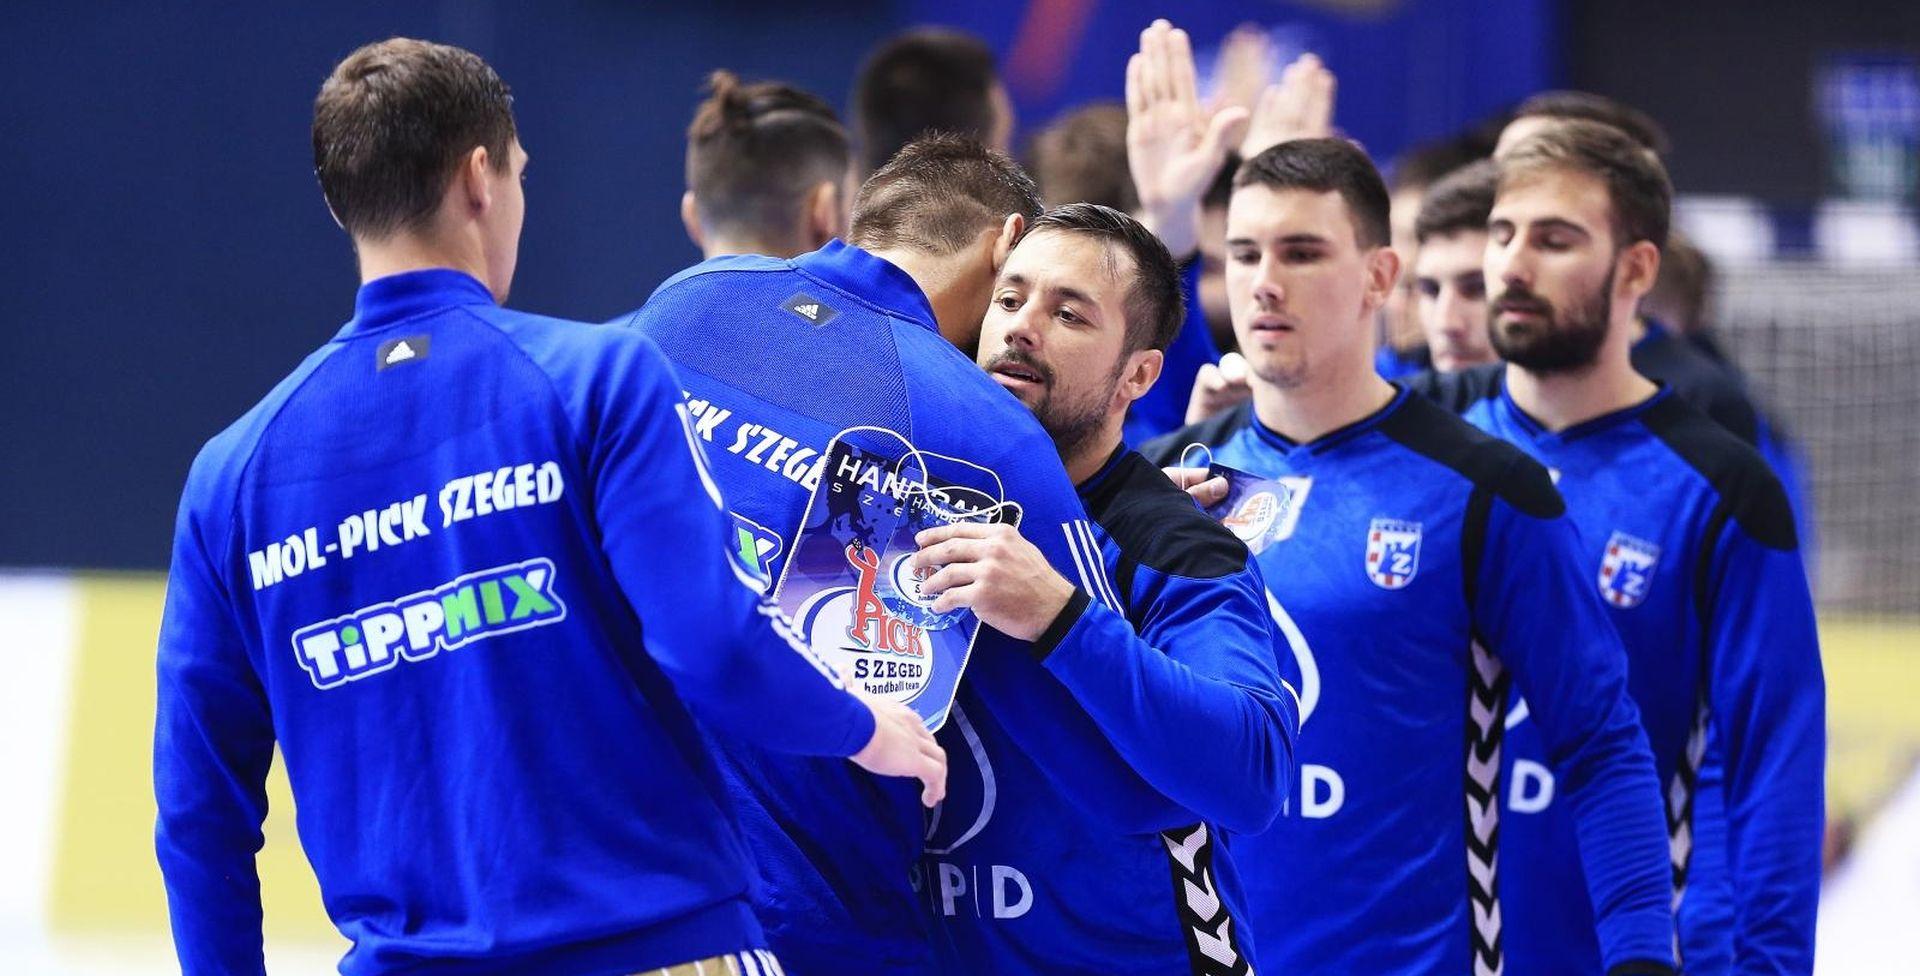 Poraz PPD Zagreba na otvaranju Lige prvaka